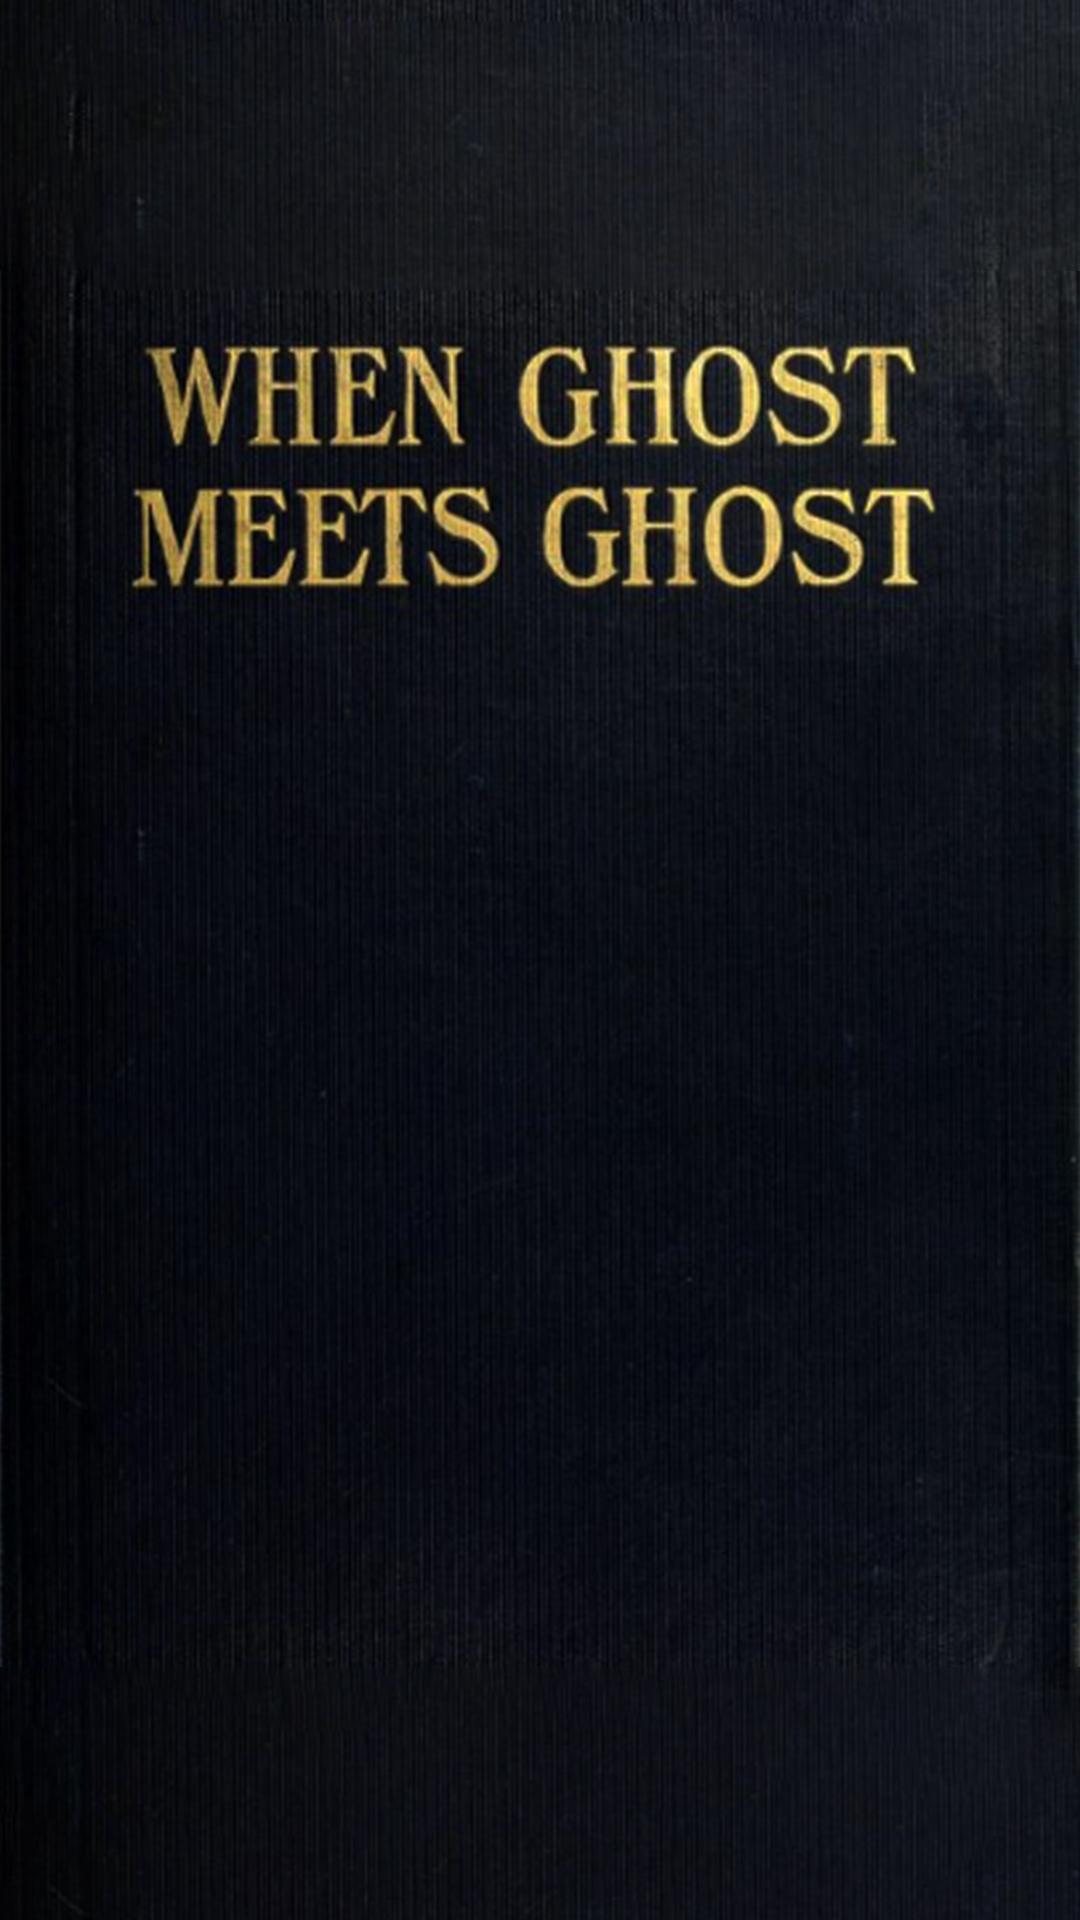 ghost2ghost.jpg